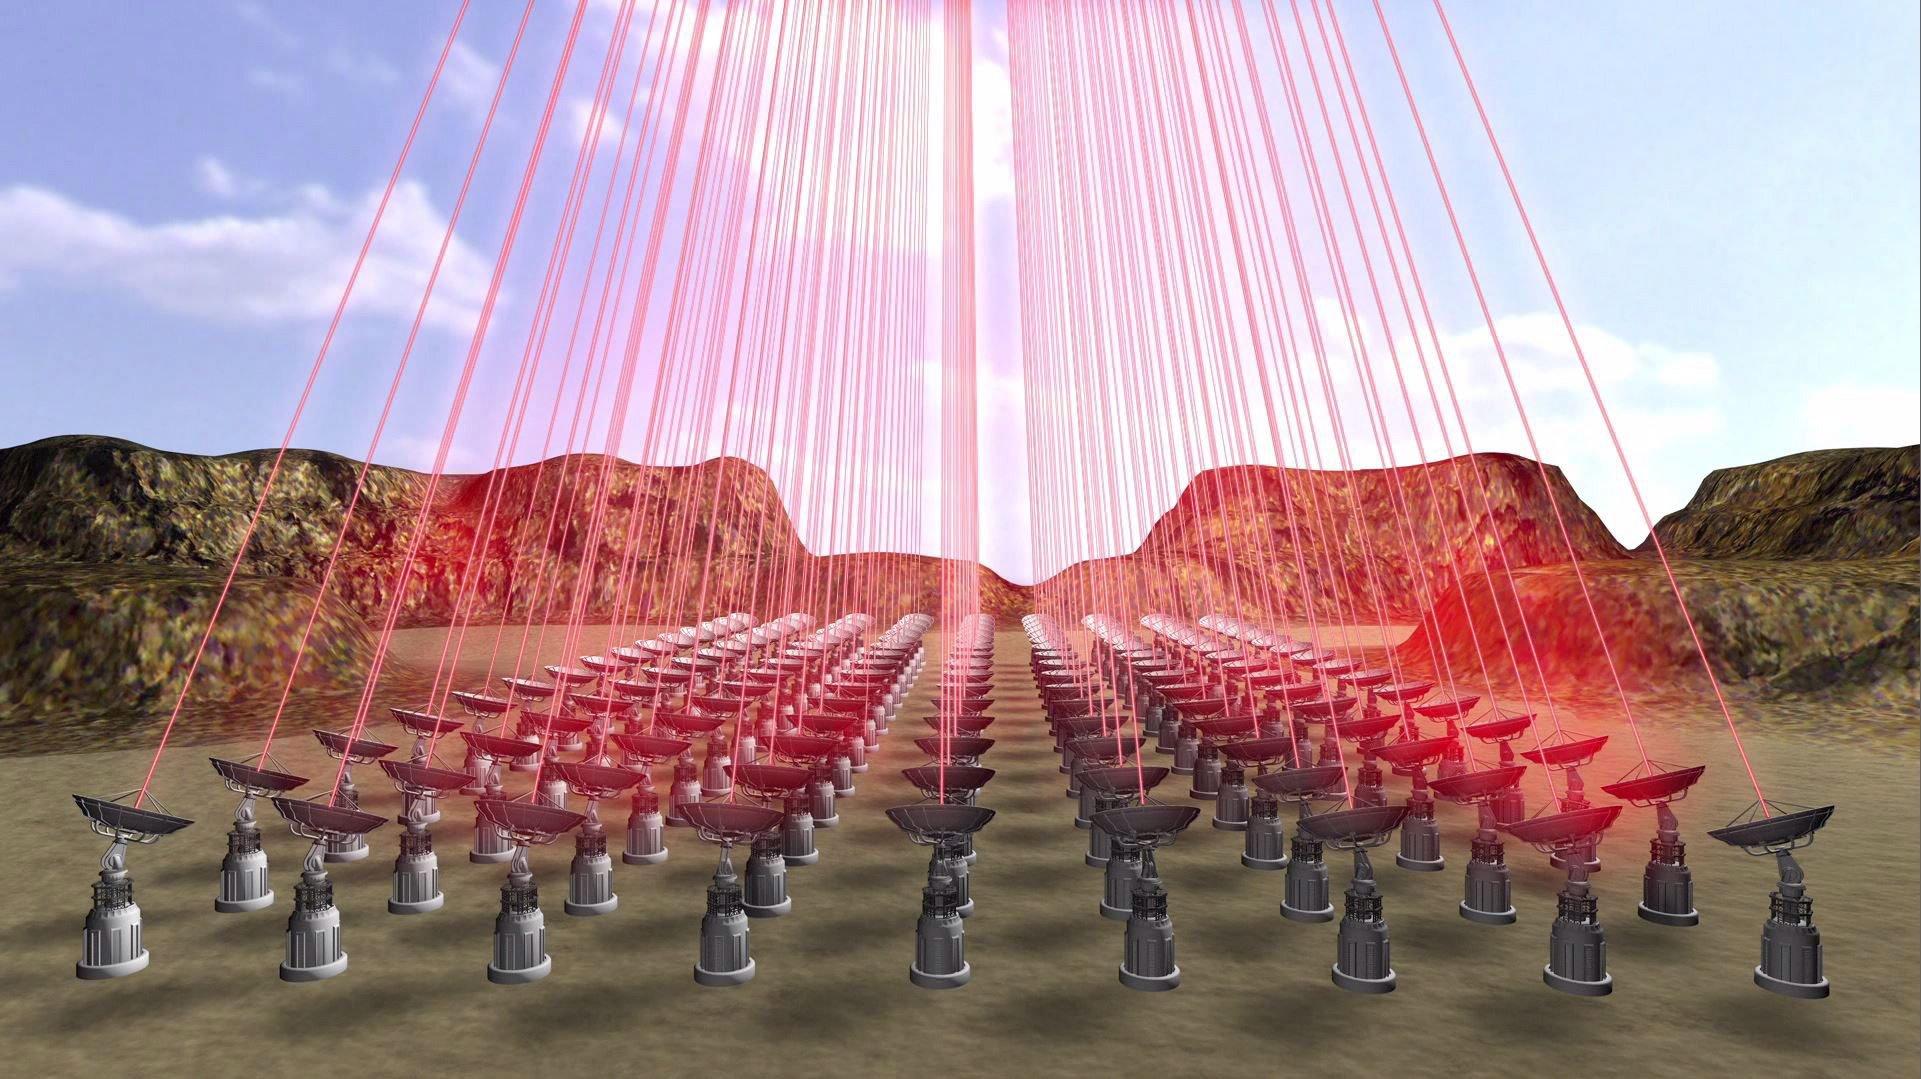 Die Laser sollen eine Leistung von bis zu 70 GW haben – das entspricht in etwa der hundertfachen Leistung eines Kernkraftwerks.